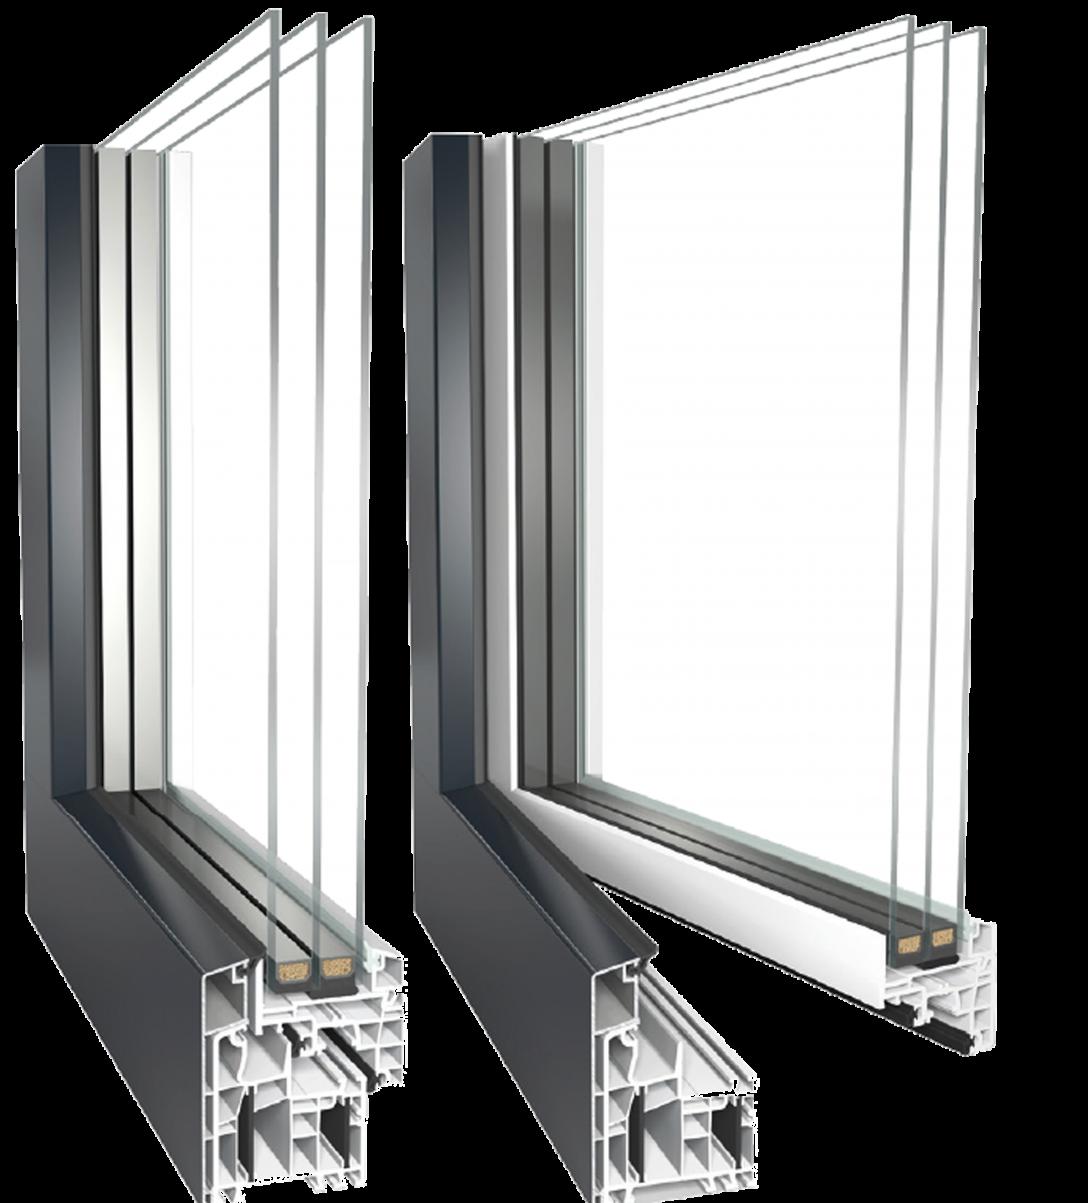 Large Size of Kunststofffenster Energeto View 5000 Fenster100 Fliegennetz Fenster Austauschen Kosten Auf Maß Kunststoff Insektenschutz Ohne Bohren Bodentiefe De Klebefolie Fenster Kunststoff Fenster